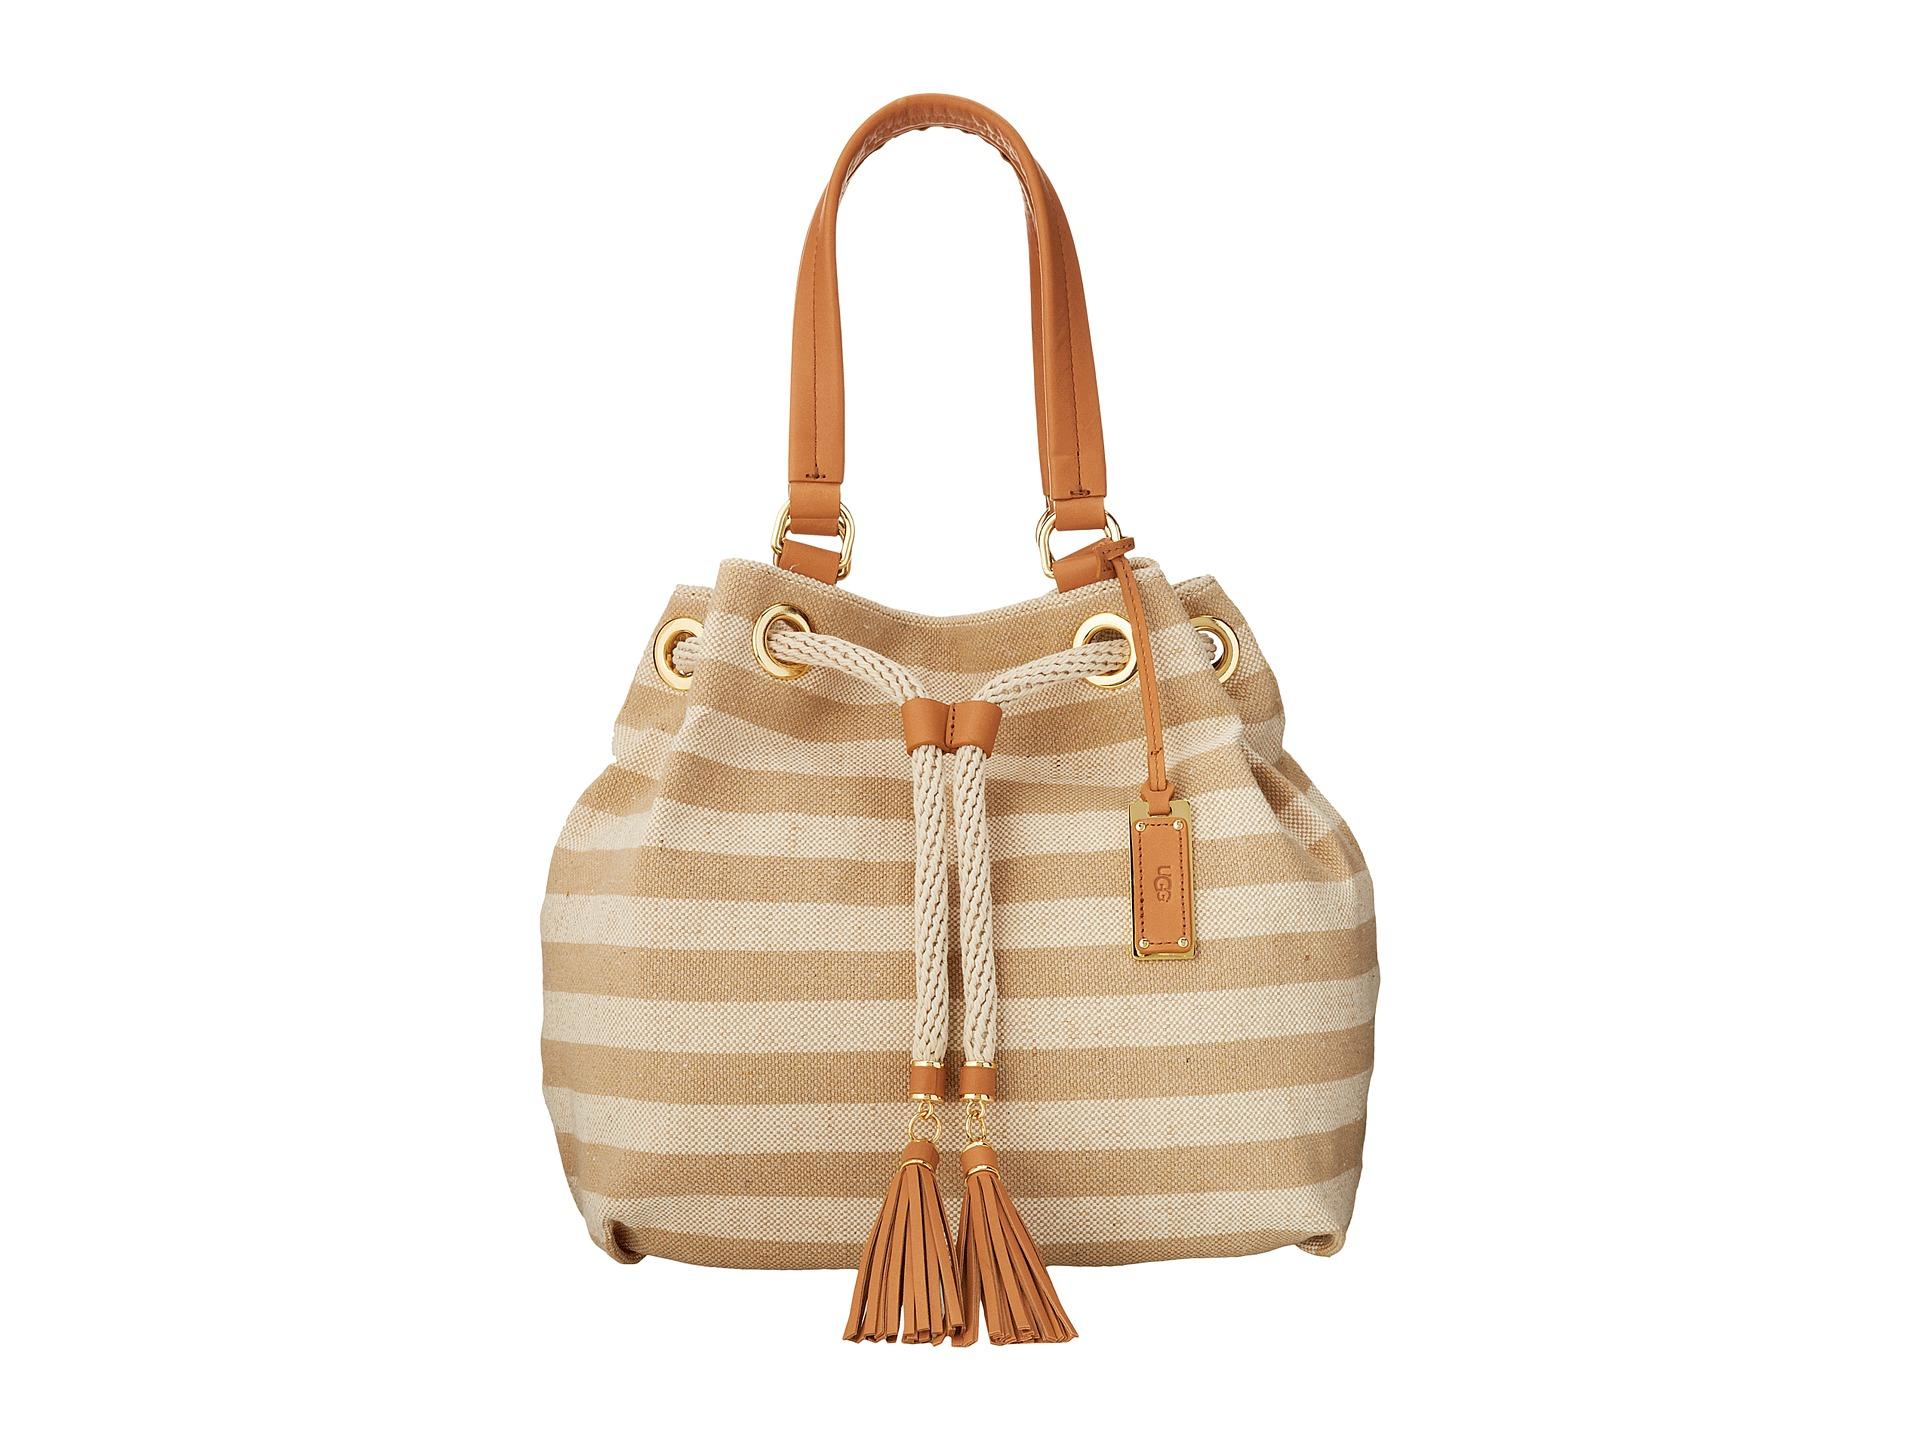 UGG Bags Devan Tote White/Walnut - Handbags